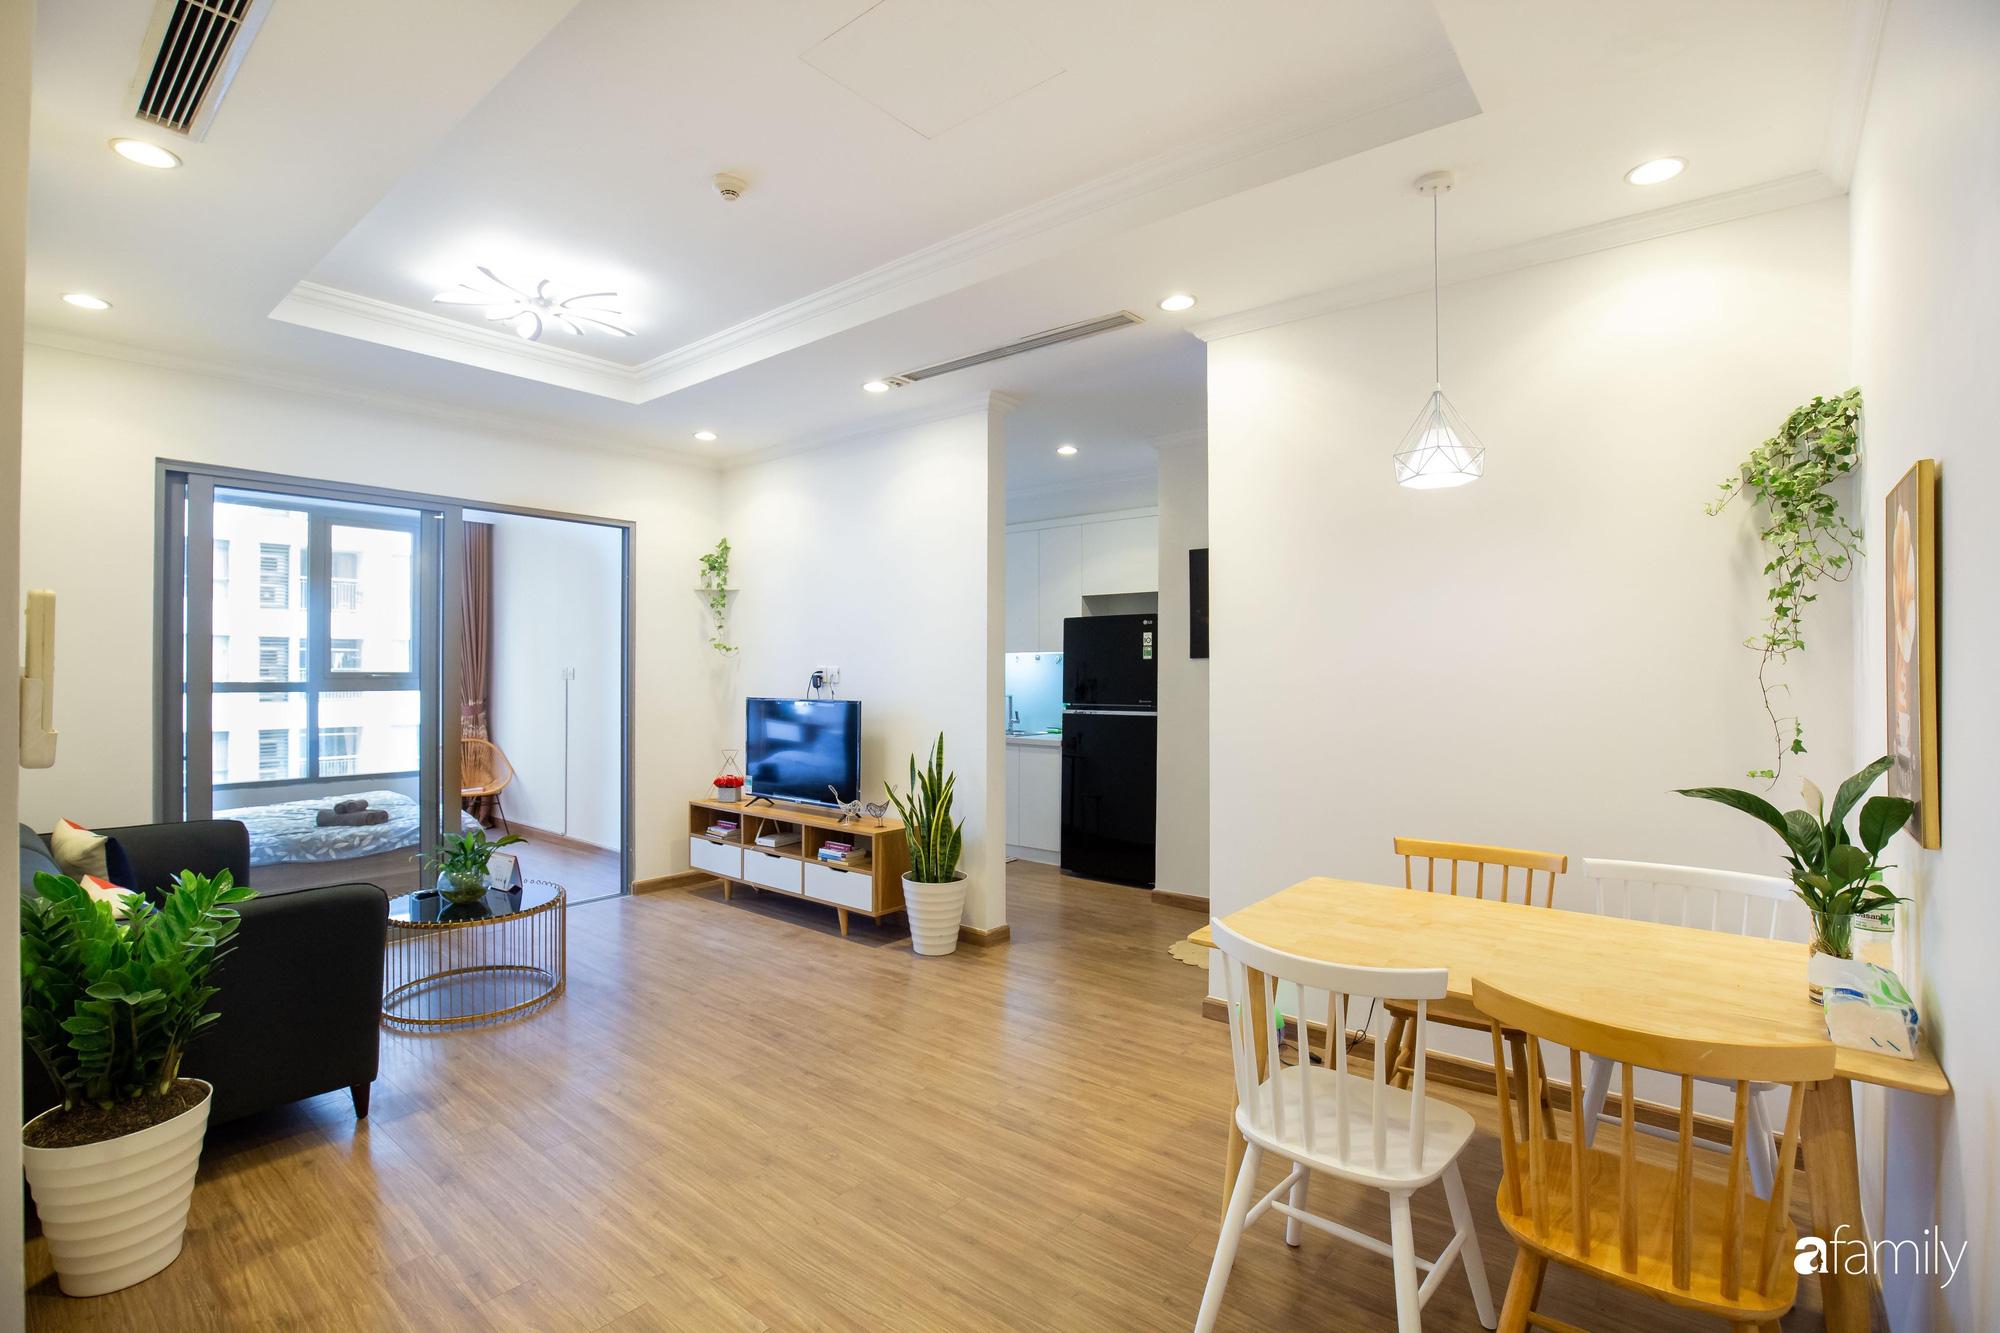 Thiết kế đơn giản với nội thất tiện nghi, căn hộ 53m2 trên tầng cao khiến nhiều người ao ước sở hữu ở Hà Nội - Ảnh 2.